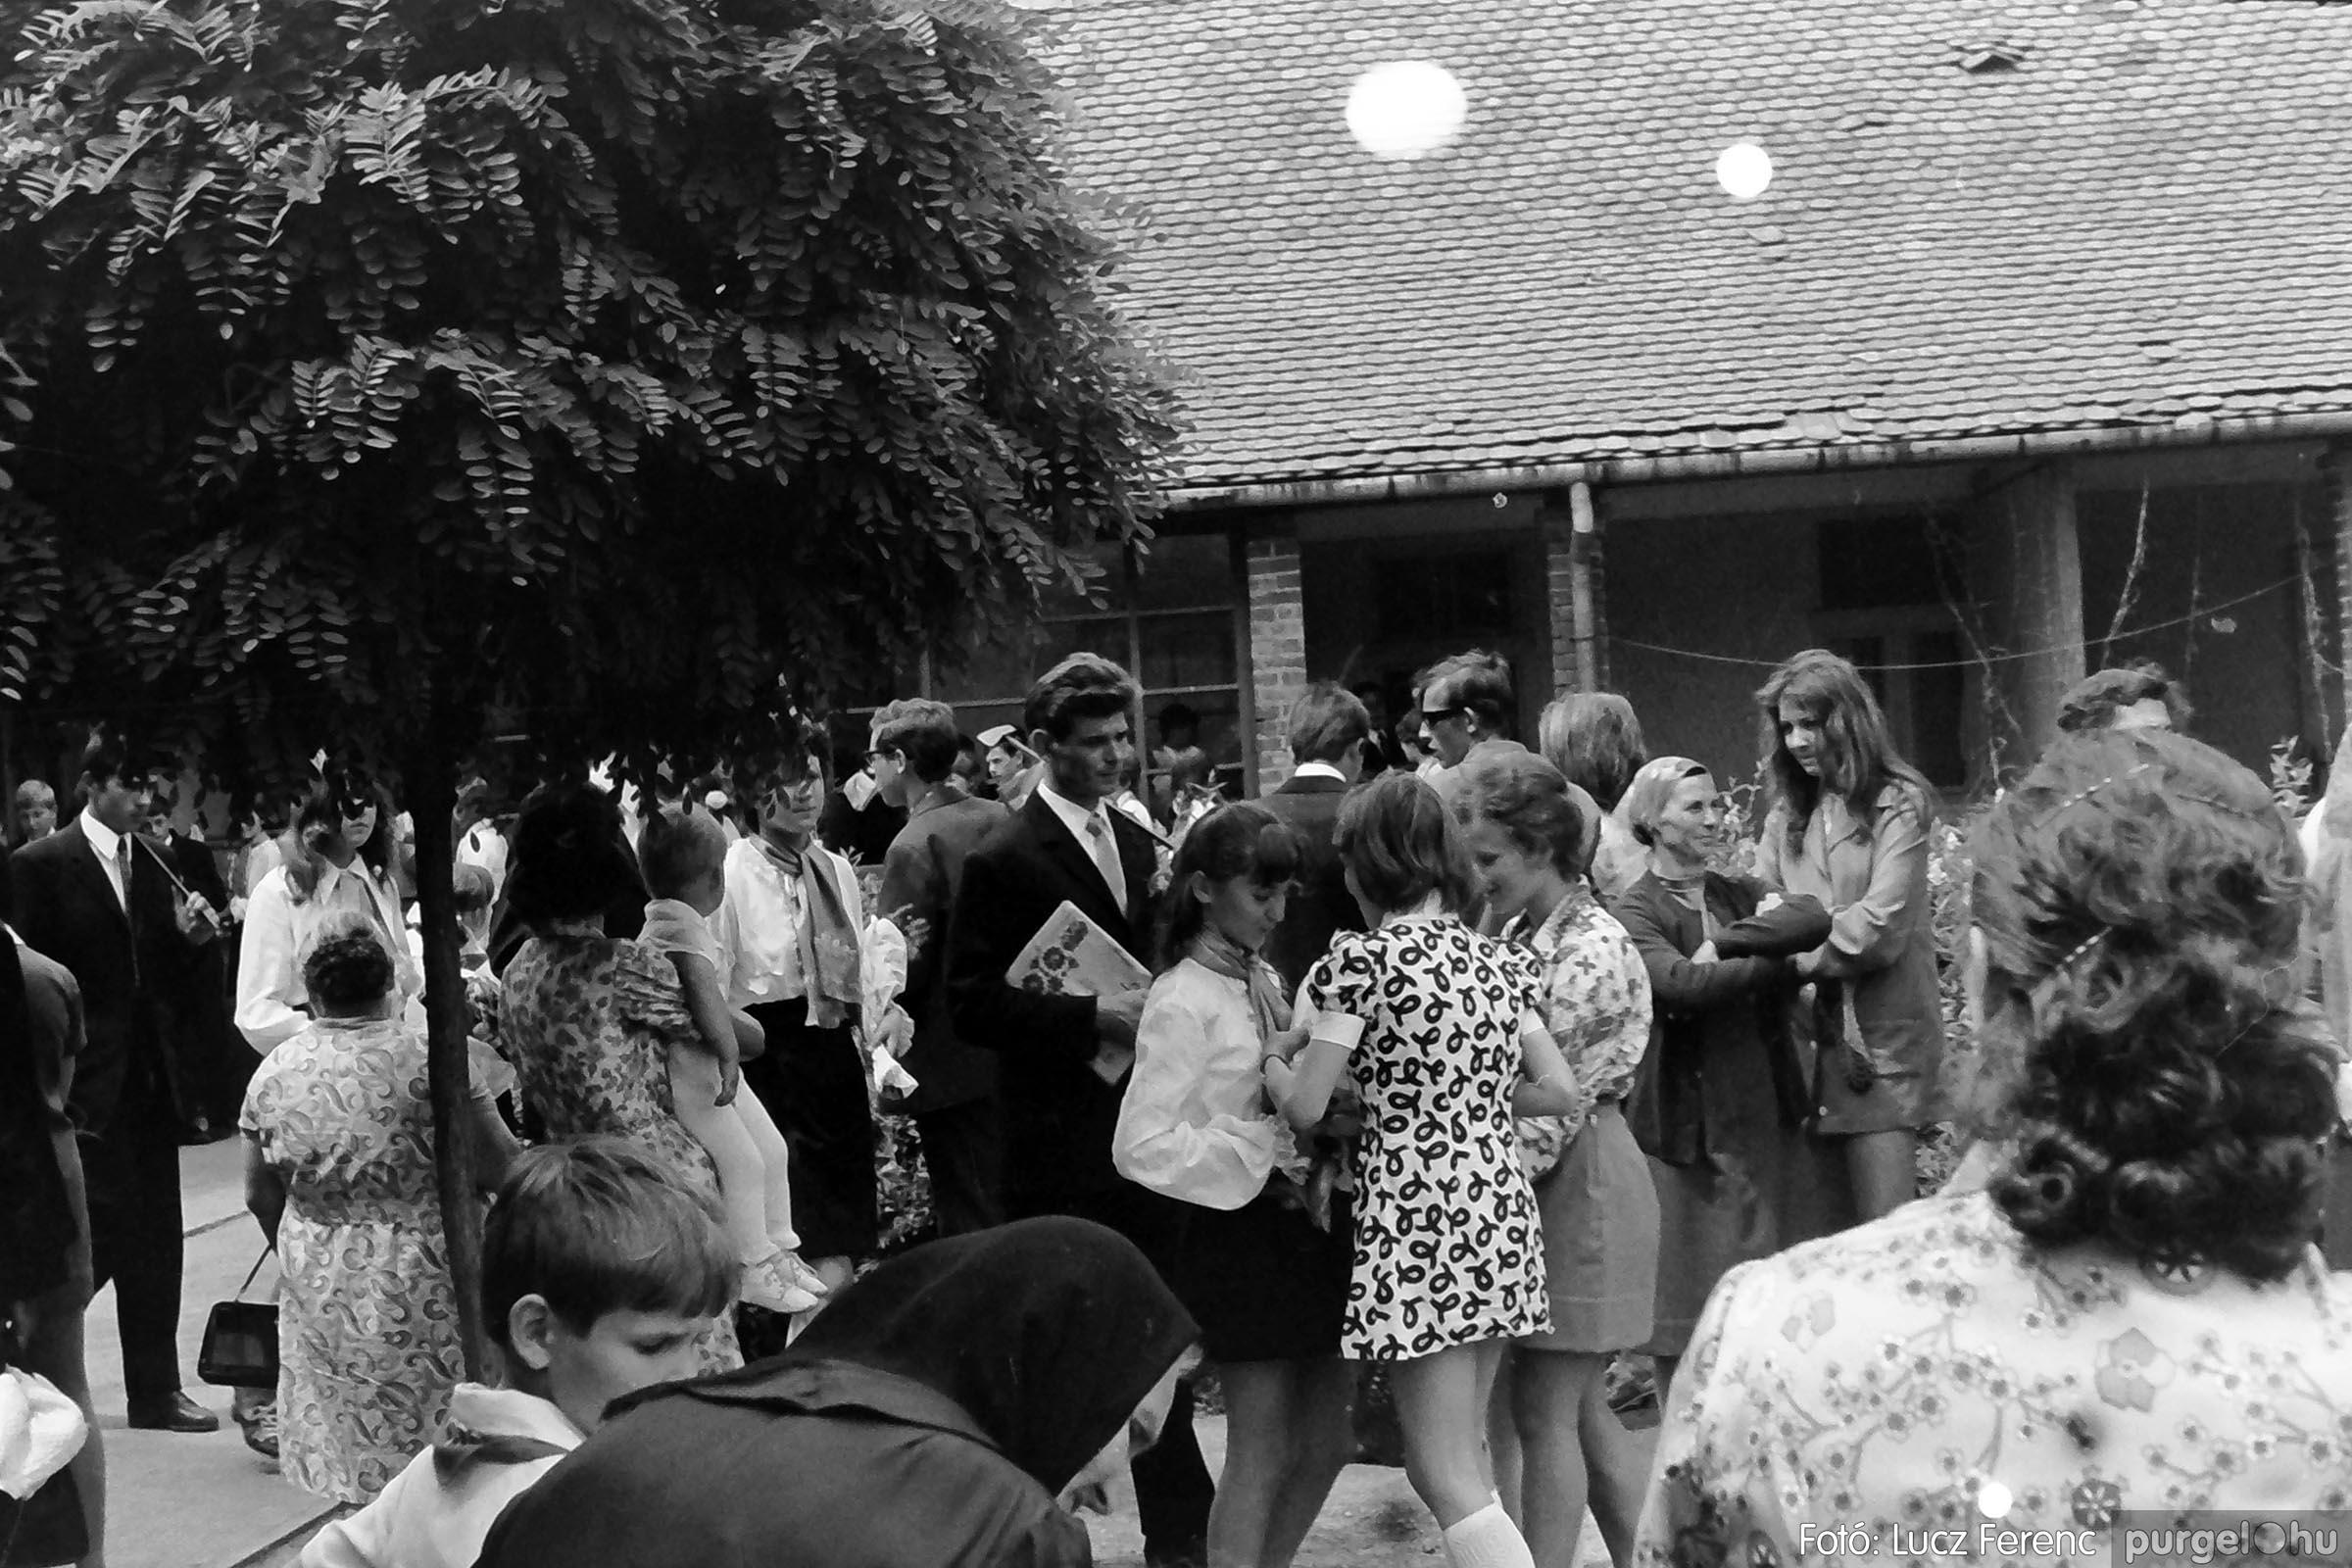 001 1972.05.27. Ballagás a szegvári iskolában 004 - Fotó: Lucz Ferenc - IMG01061q.jpg